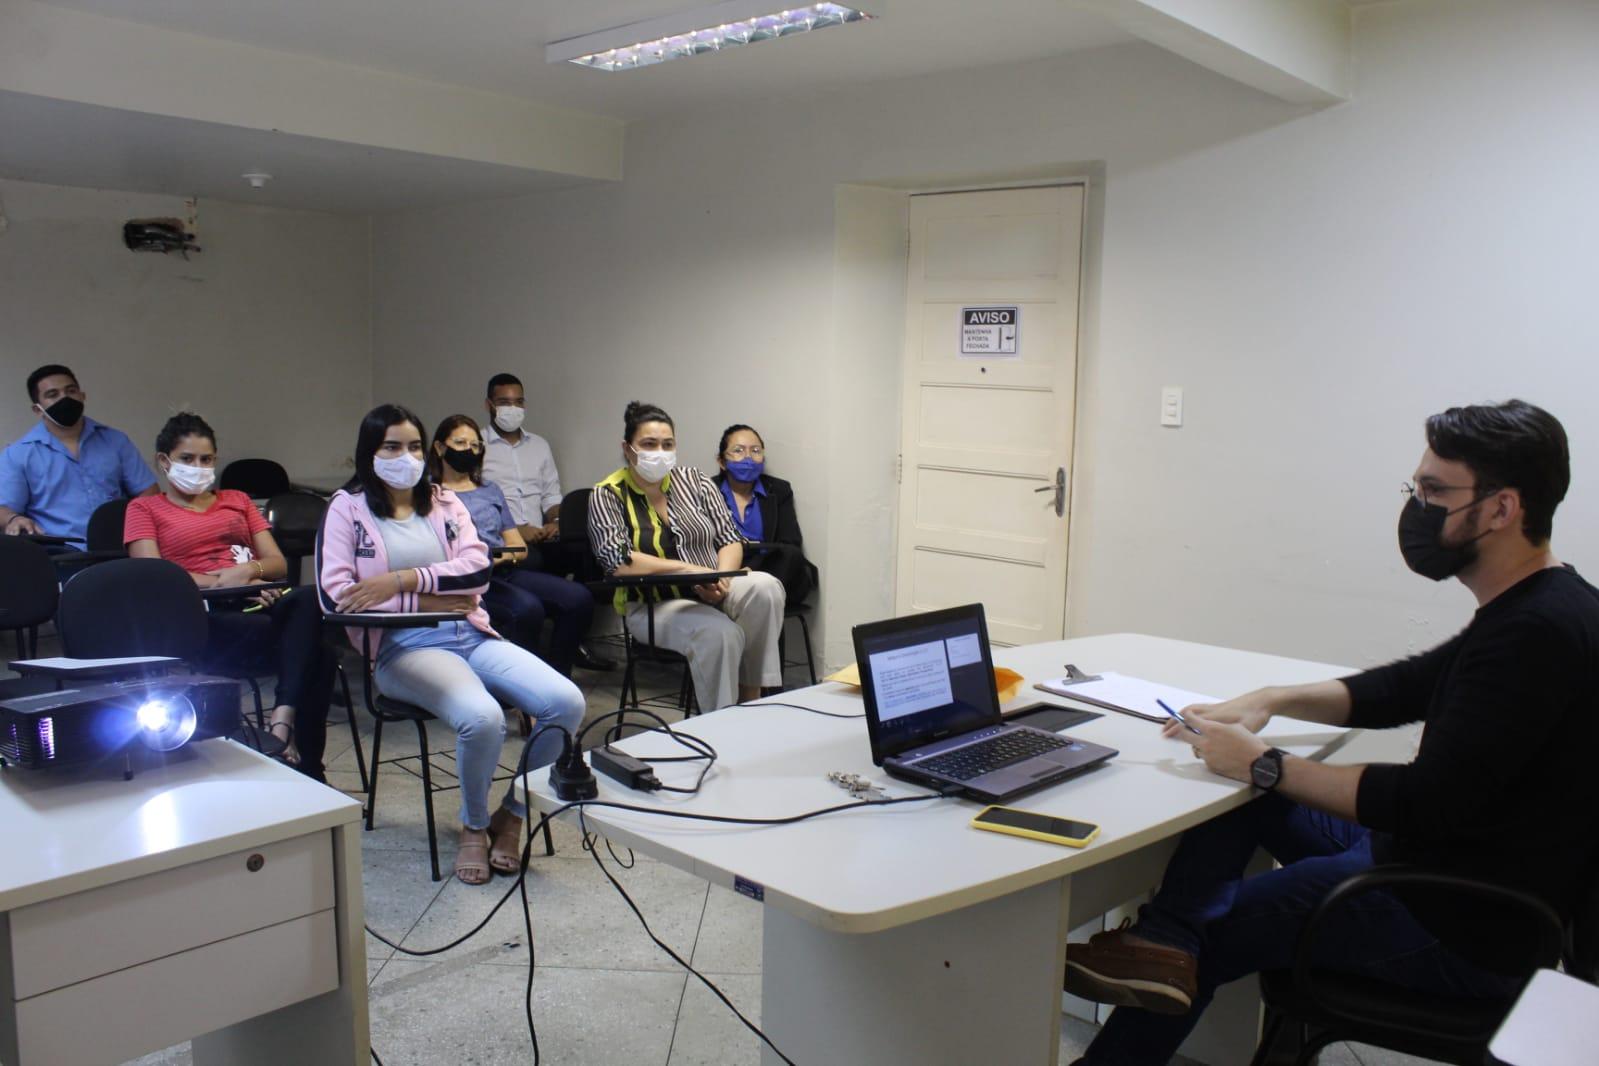 Secretaria da Fazenda promove curso de capacitação sobre atendimento ao público